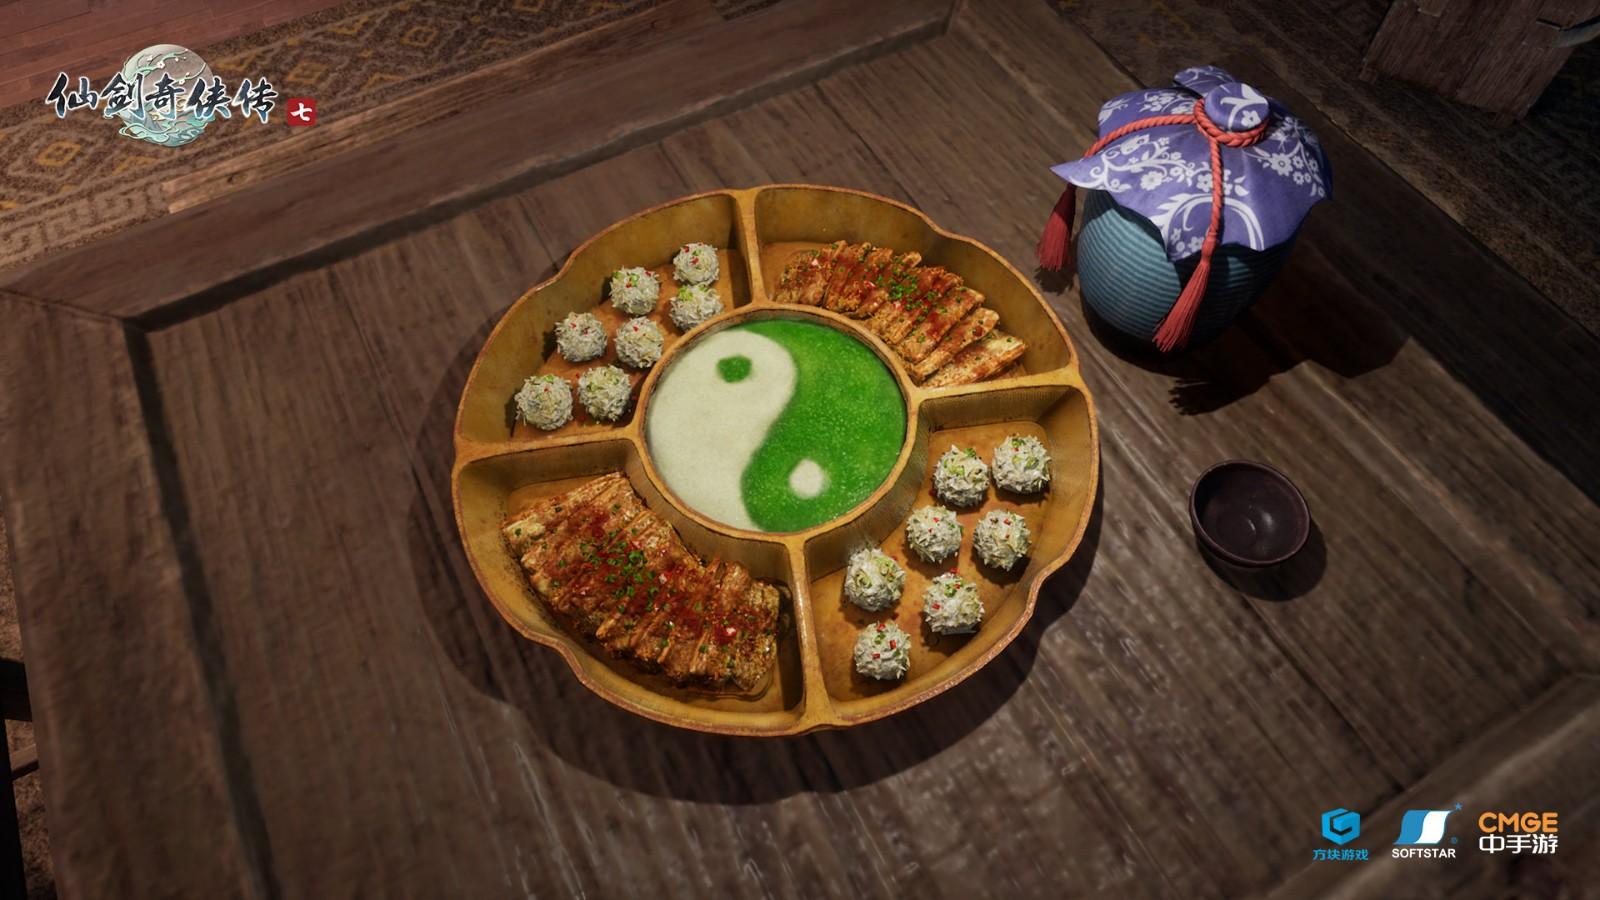 《仙剑奇侠传7》发布中秋美食壁纸 祝大家阖家团圆健康平安